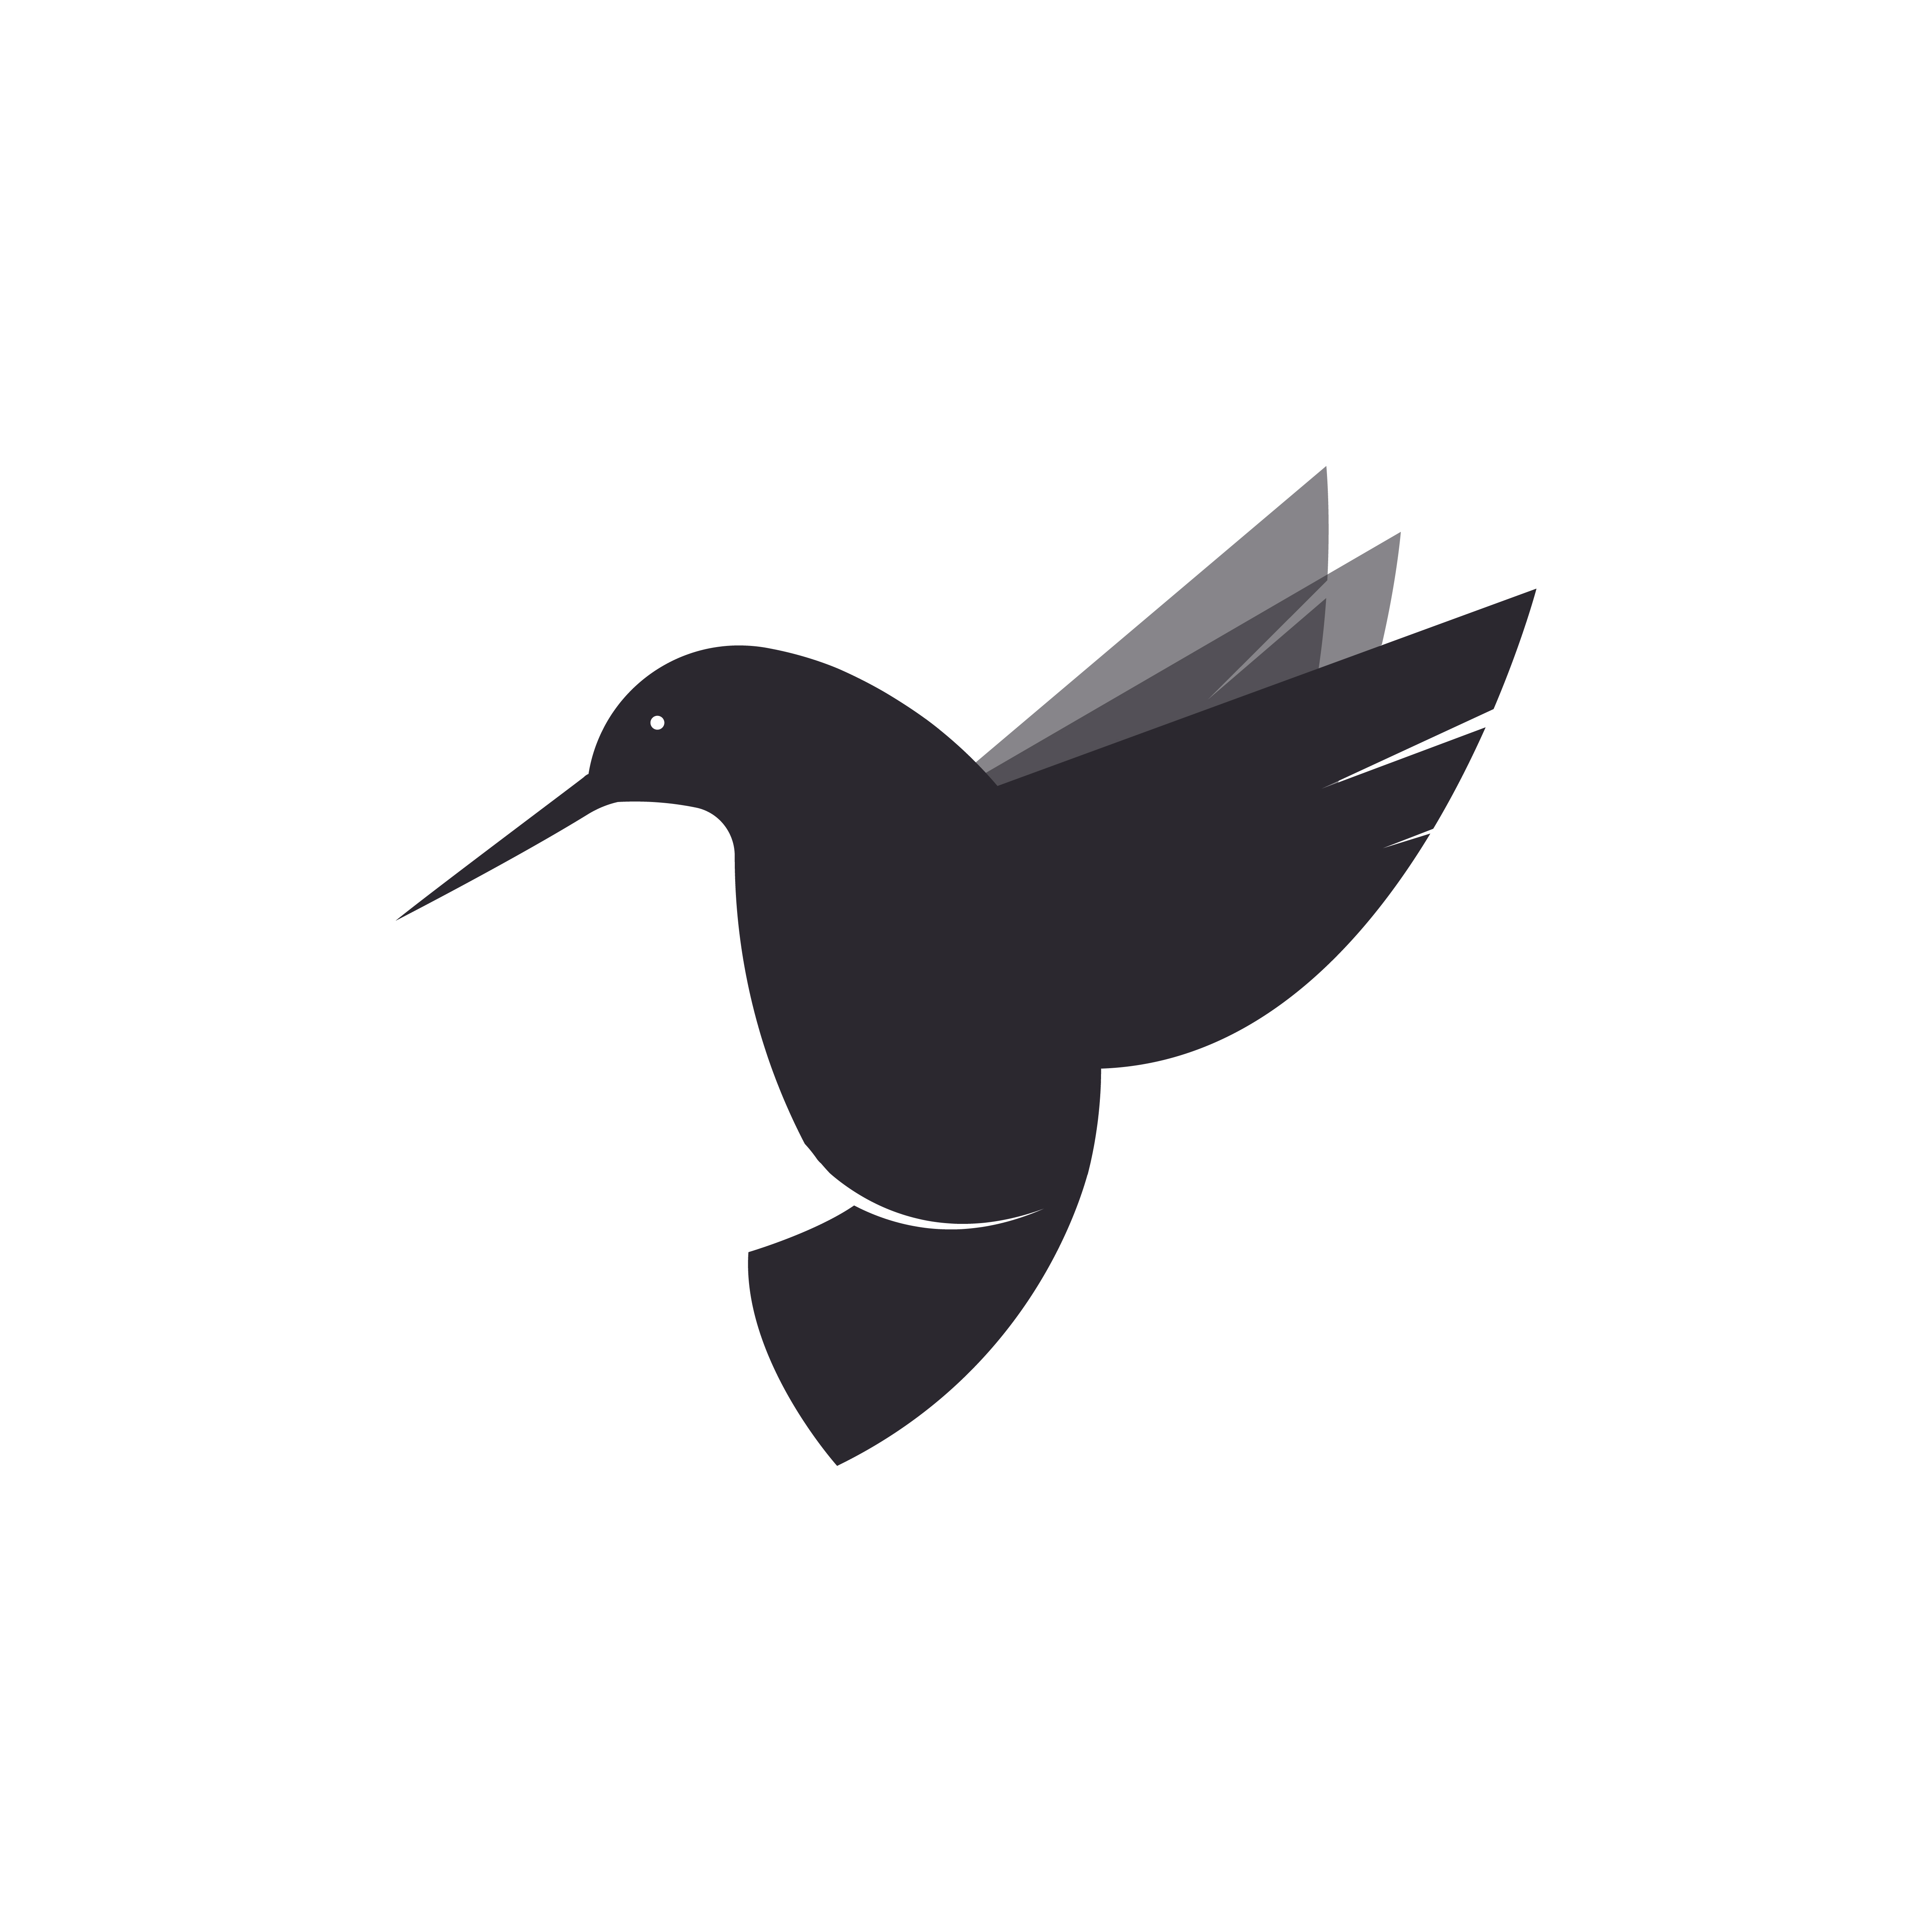 Logotipo Do Beija-flor. Ilustração De Um Violeta Das